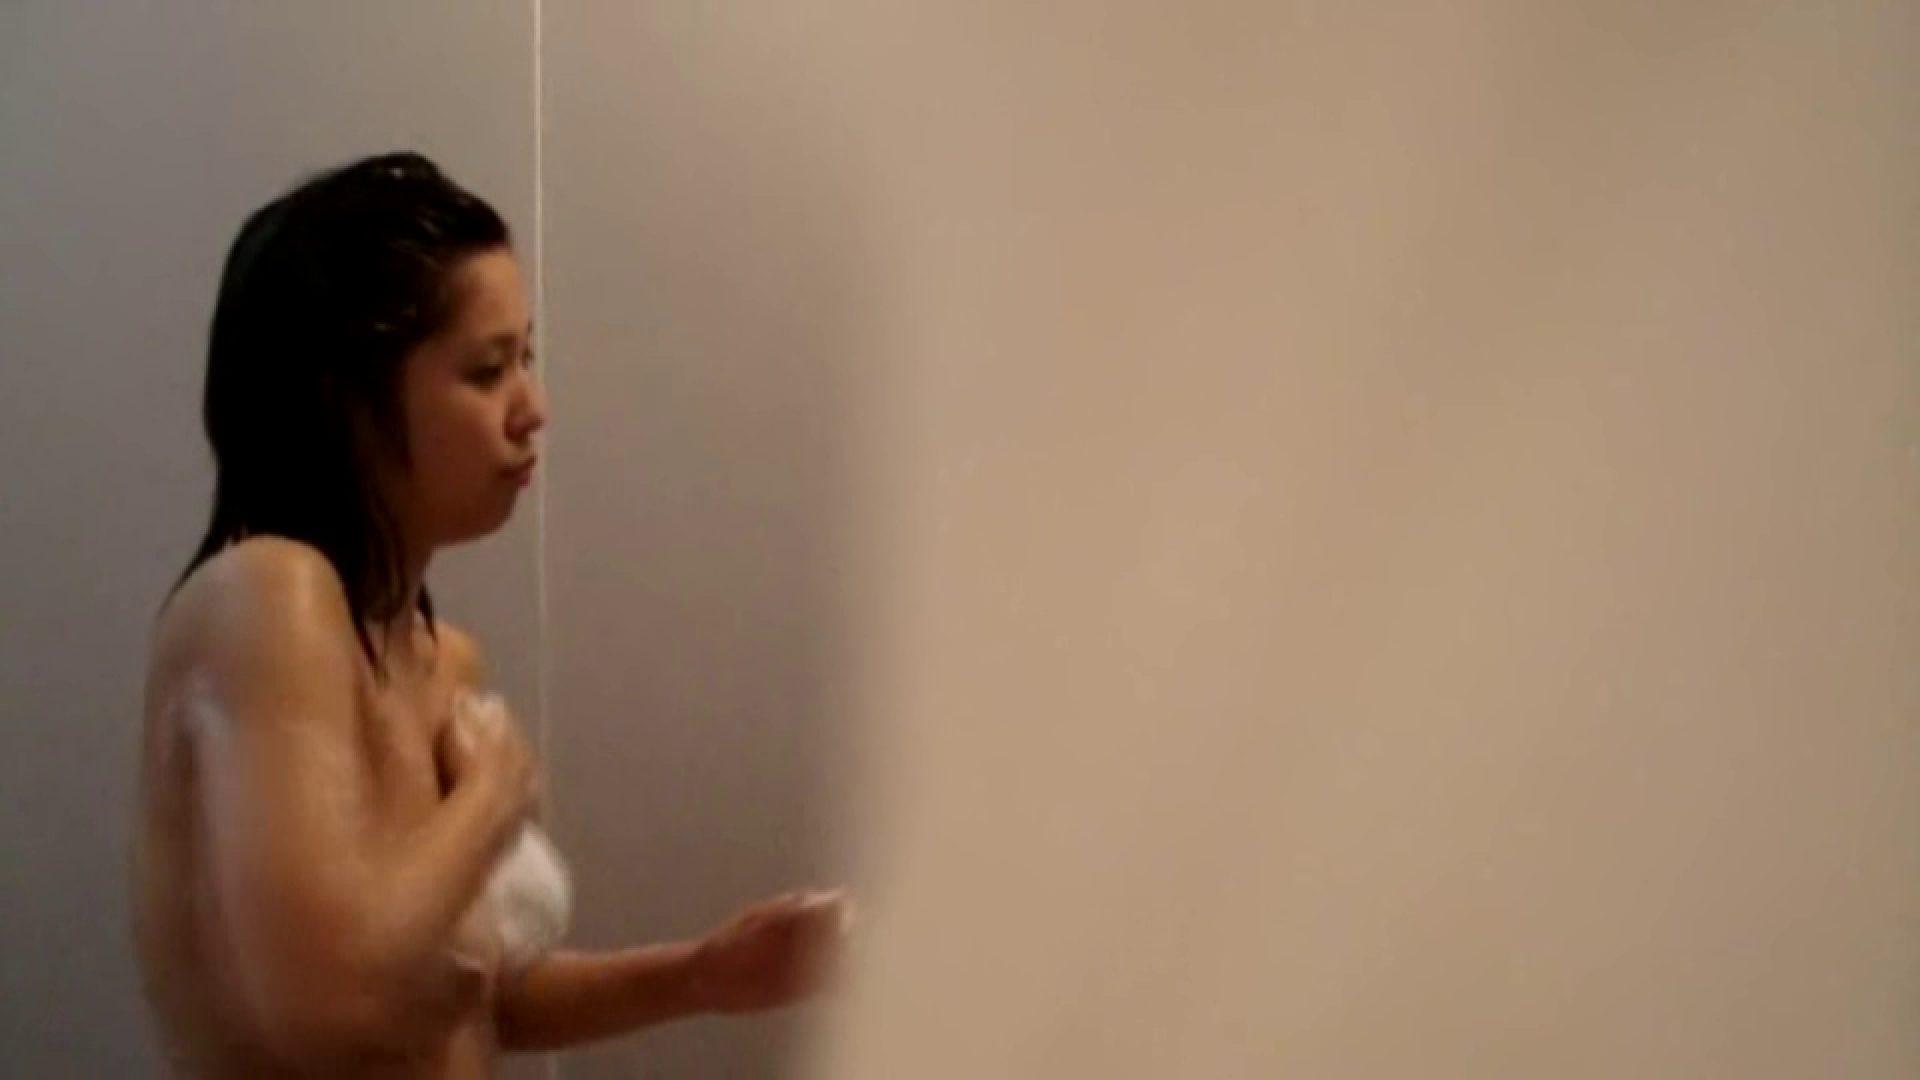 vol.2 葵のグラドル顔負けの爆乳を入浴シーンでどうぞ。 むっちりガール エロ無料画像 110枚 83